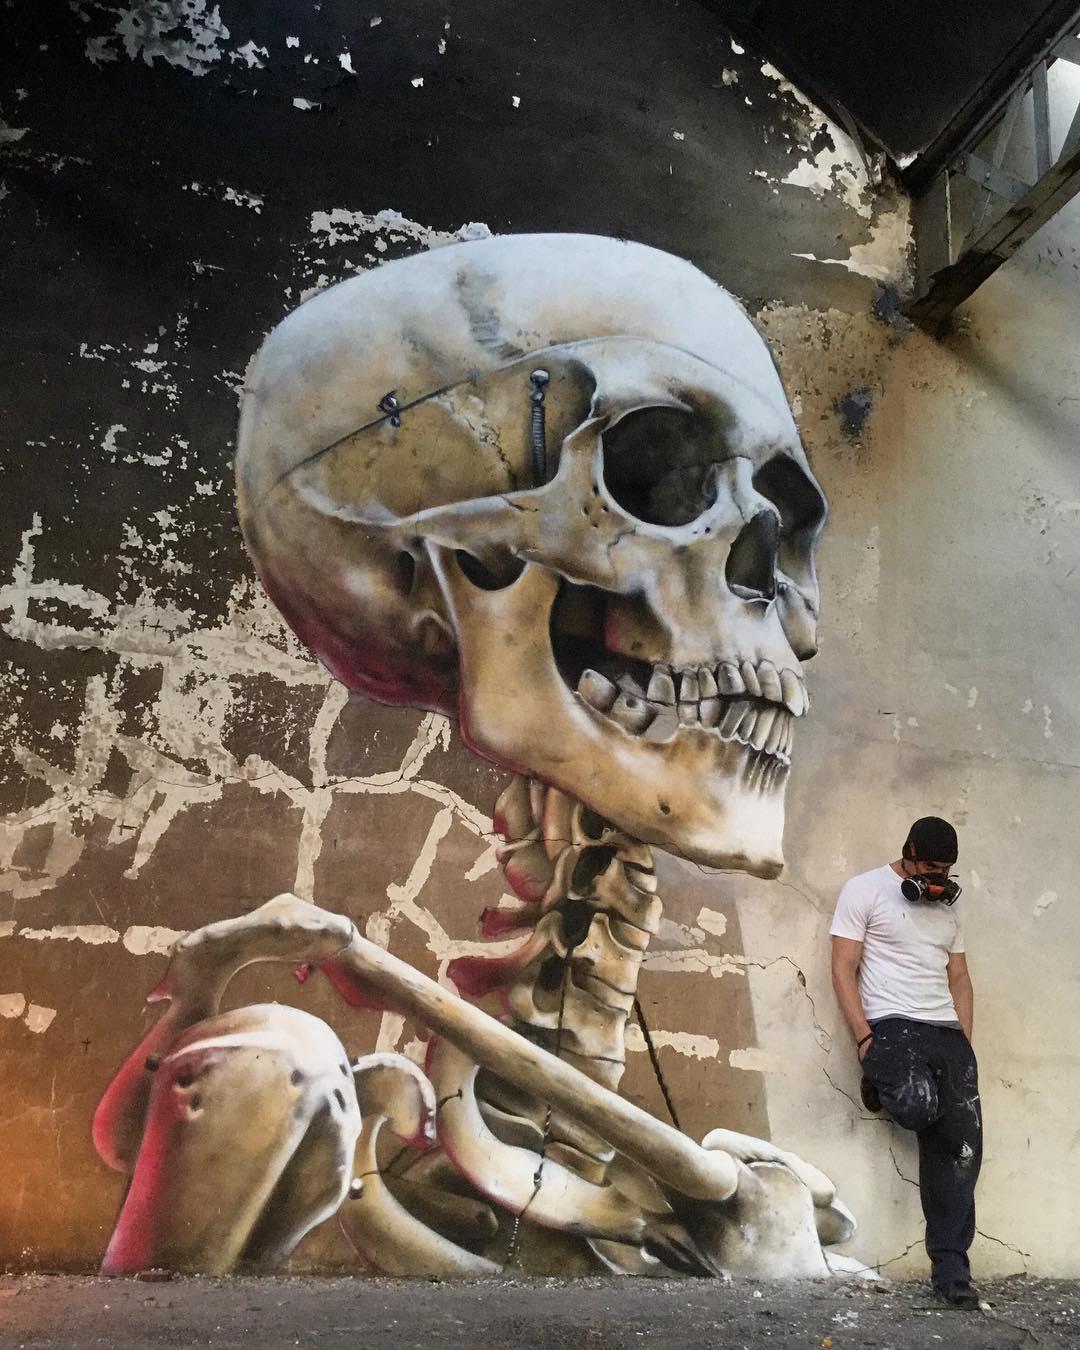 французский уличный художник Скаф  (2).jpg